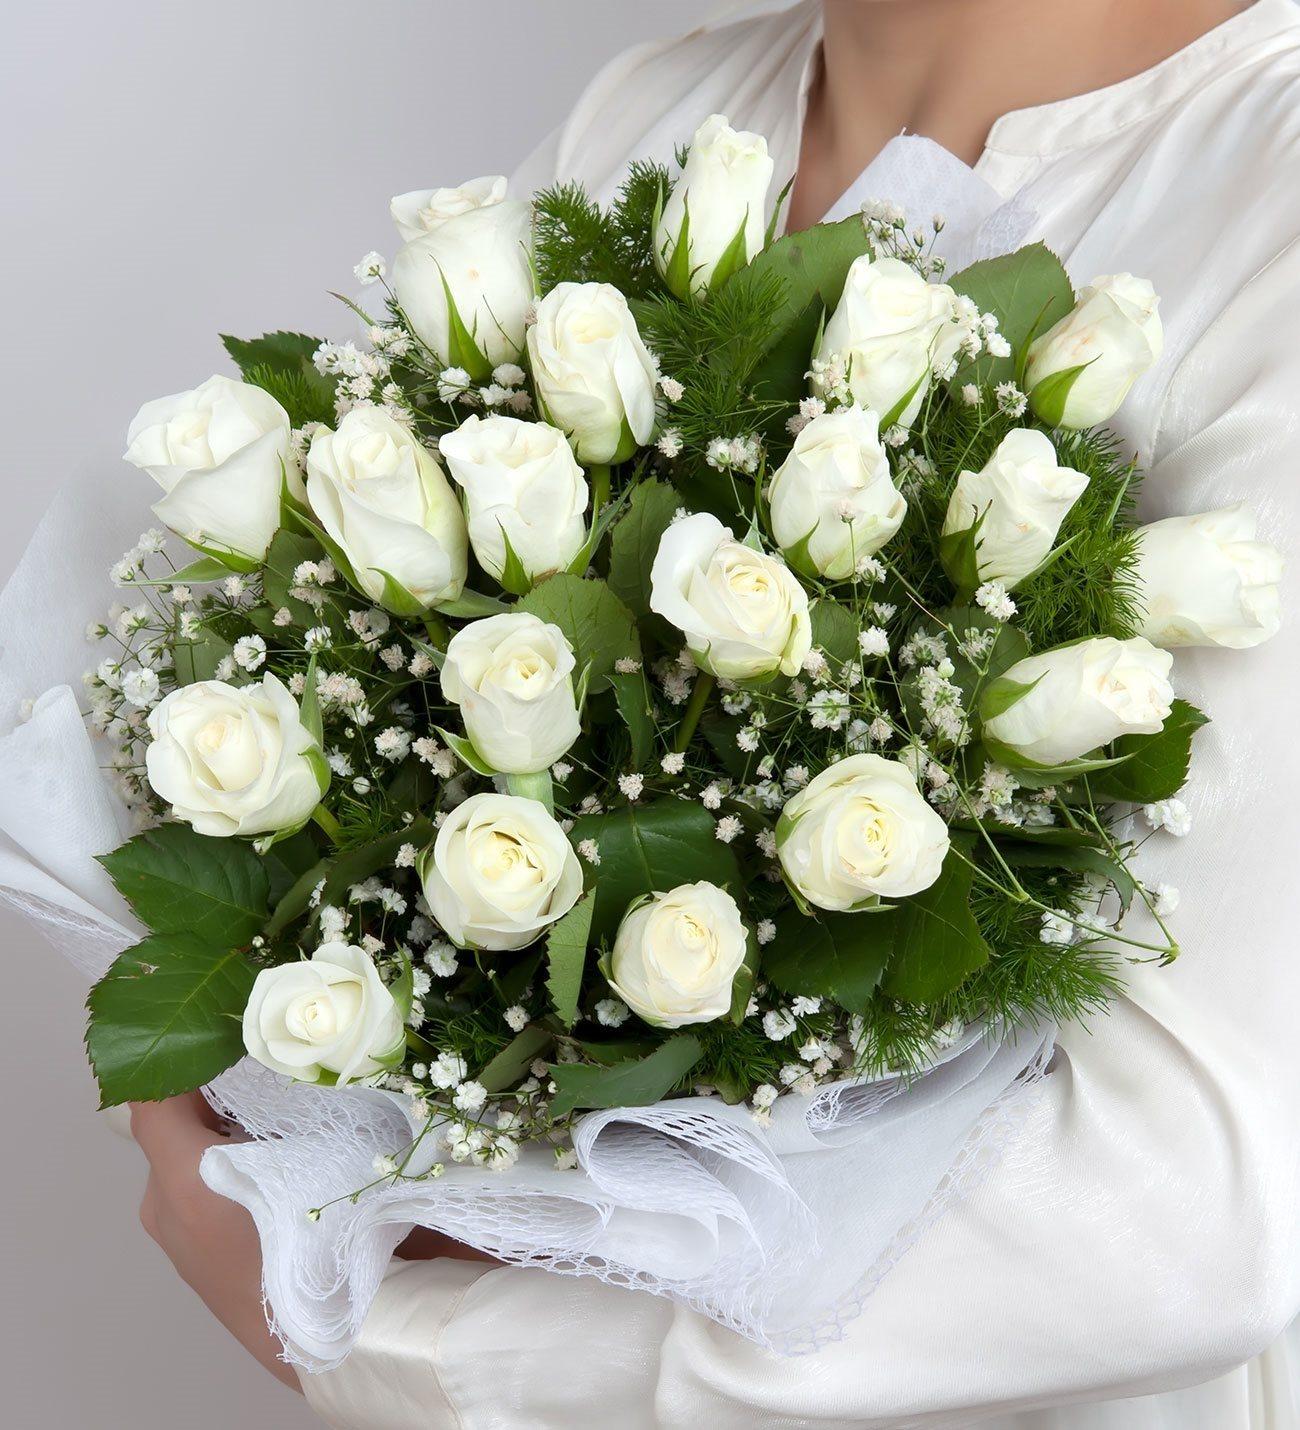 19 Rosas Frescas Blancas Envueltas En Genero - Imagenes-de-ramos-de-rosas-blancas